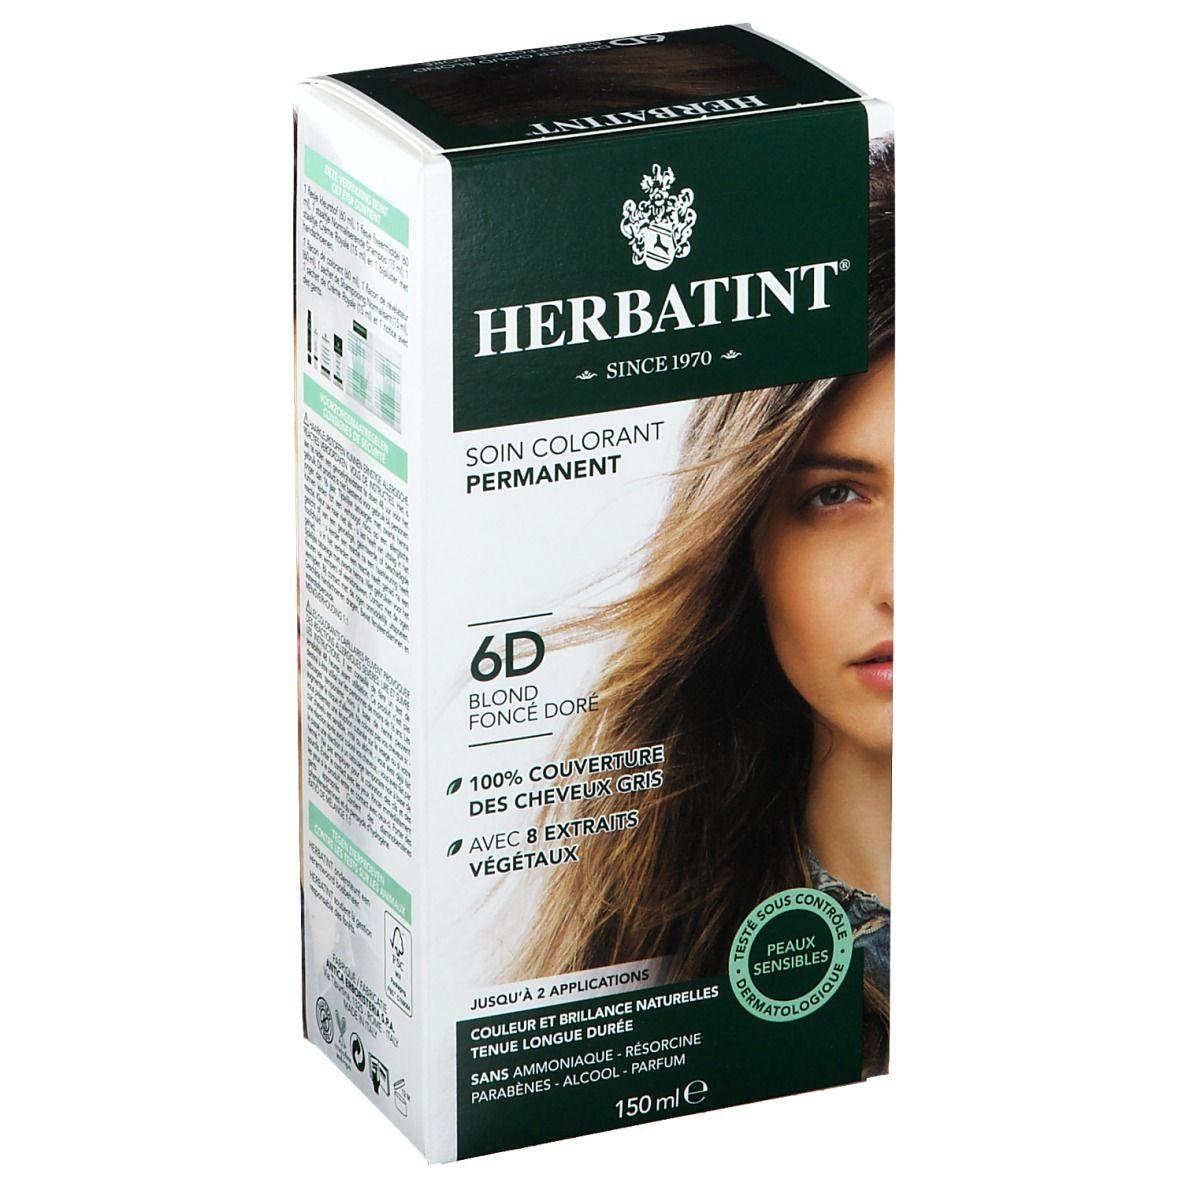 Herbatint Soin Colorant Blond Foncé Doré 6D ml solution(s)